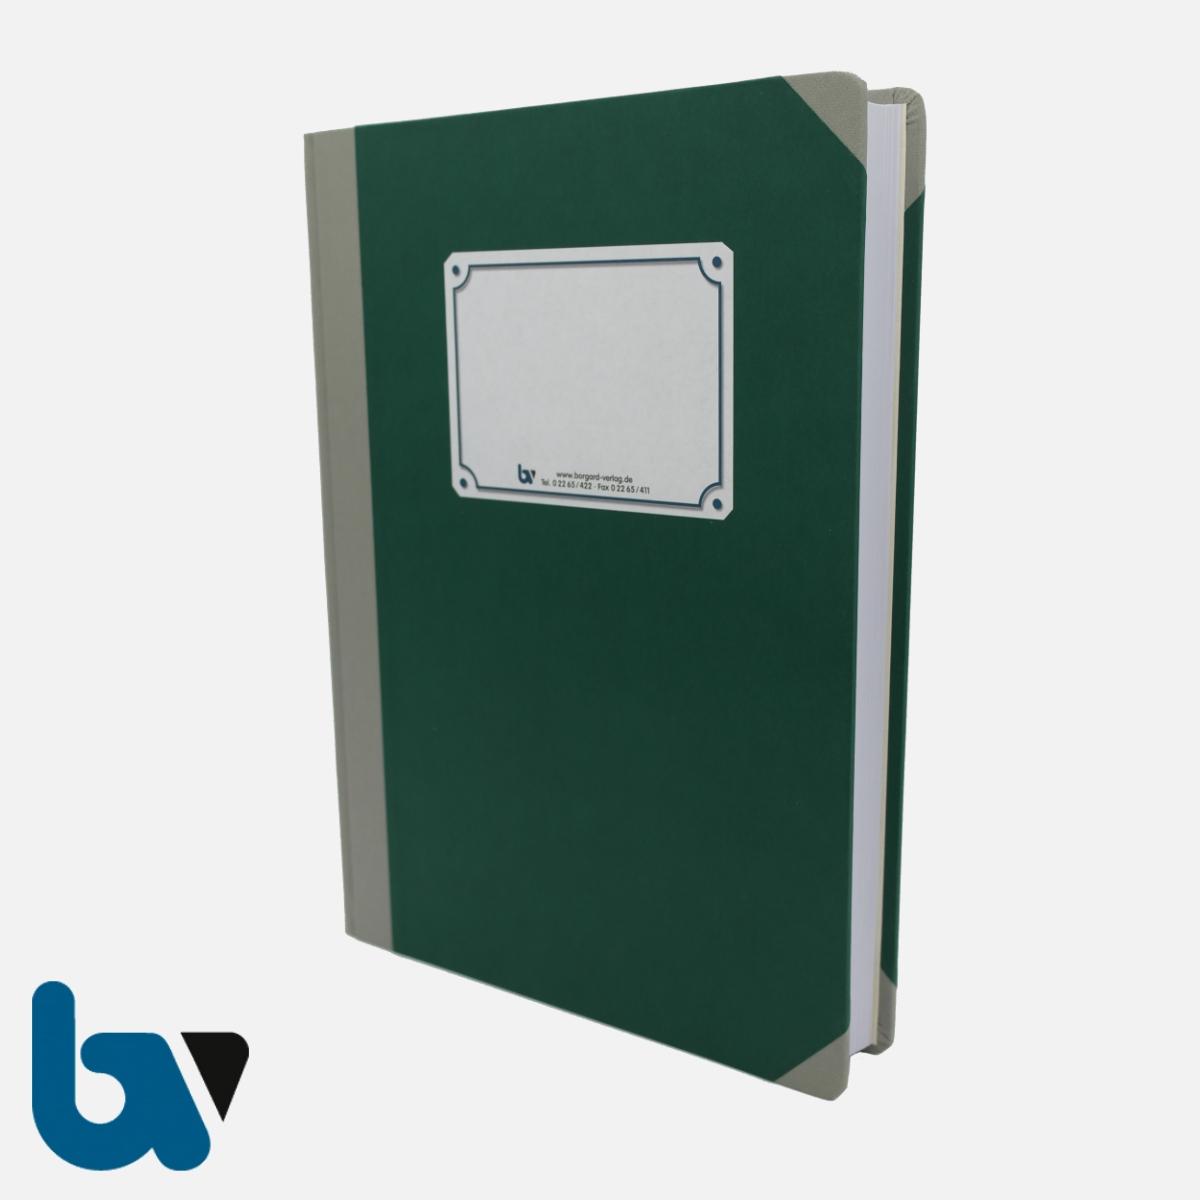 3/190-2 unlin Tagebuch Ortsgericht Hessen Buch gebunden unliniert Leinen DIN A4 Außen 1 | Borgard Verlag GmbH